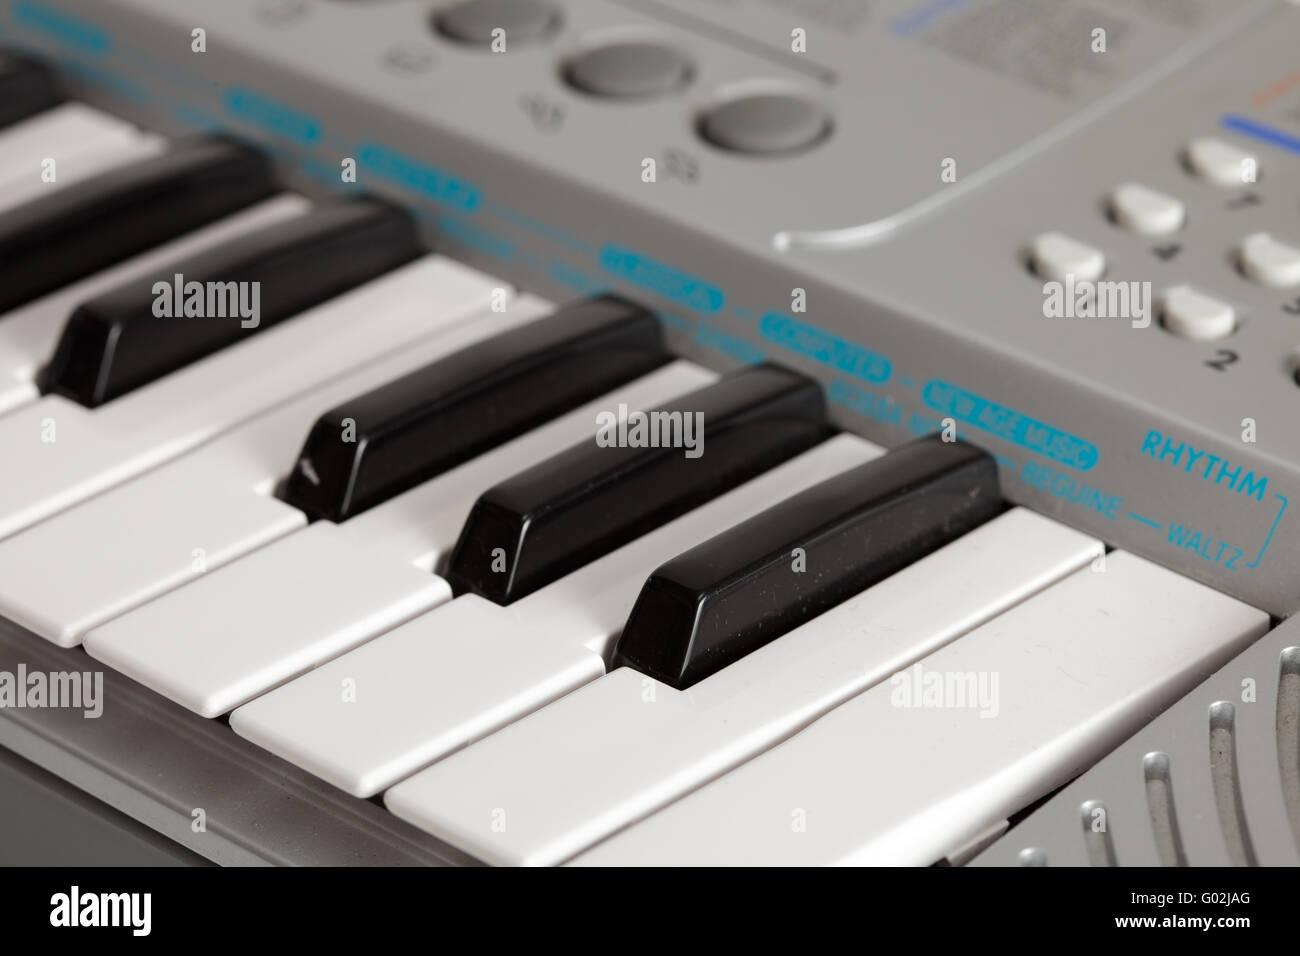 synthesizer on white background. isolated object - Stock Image